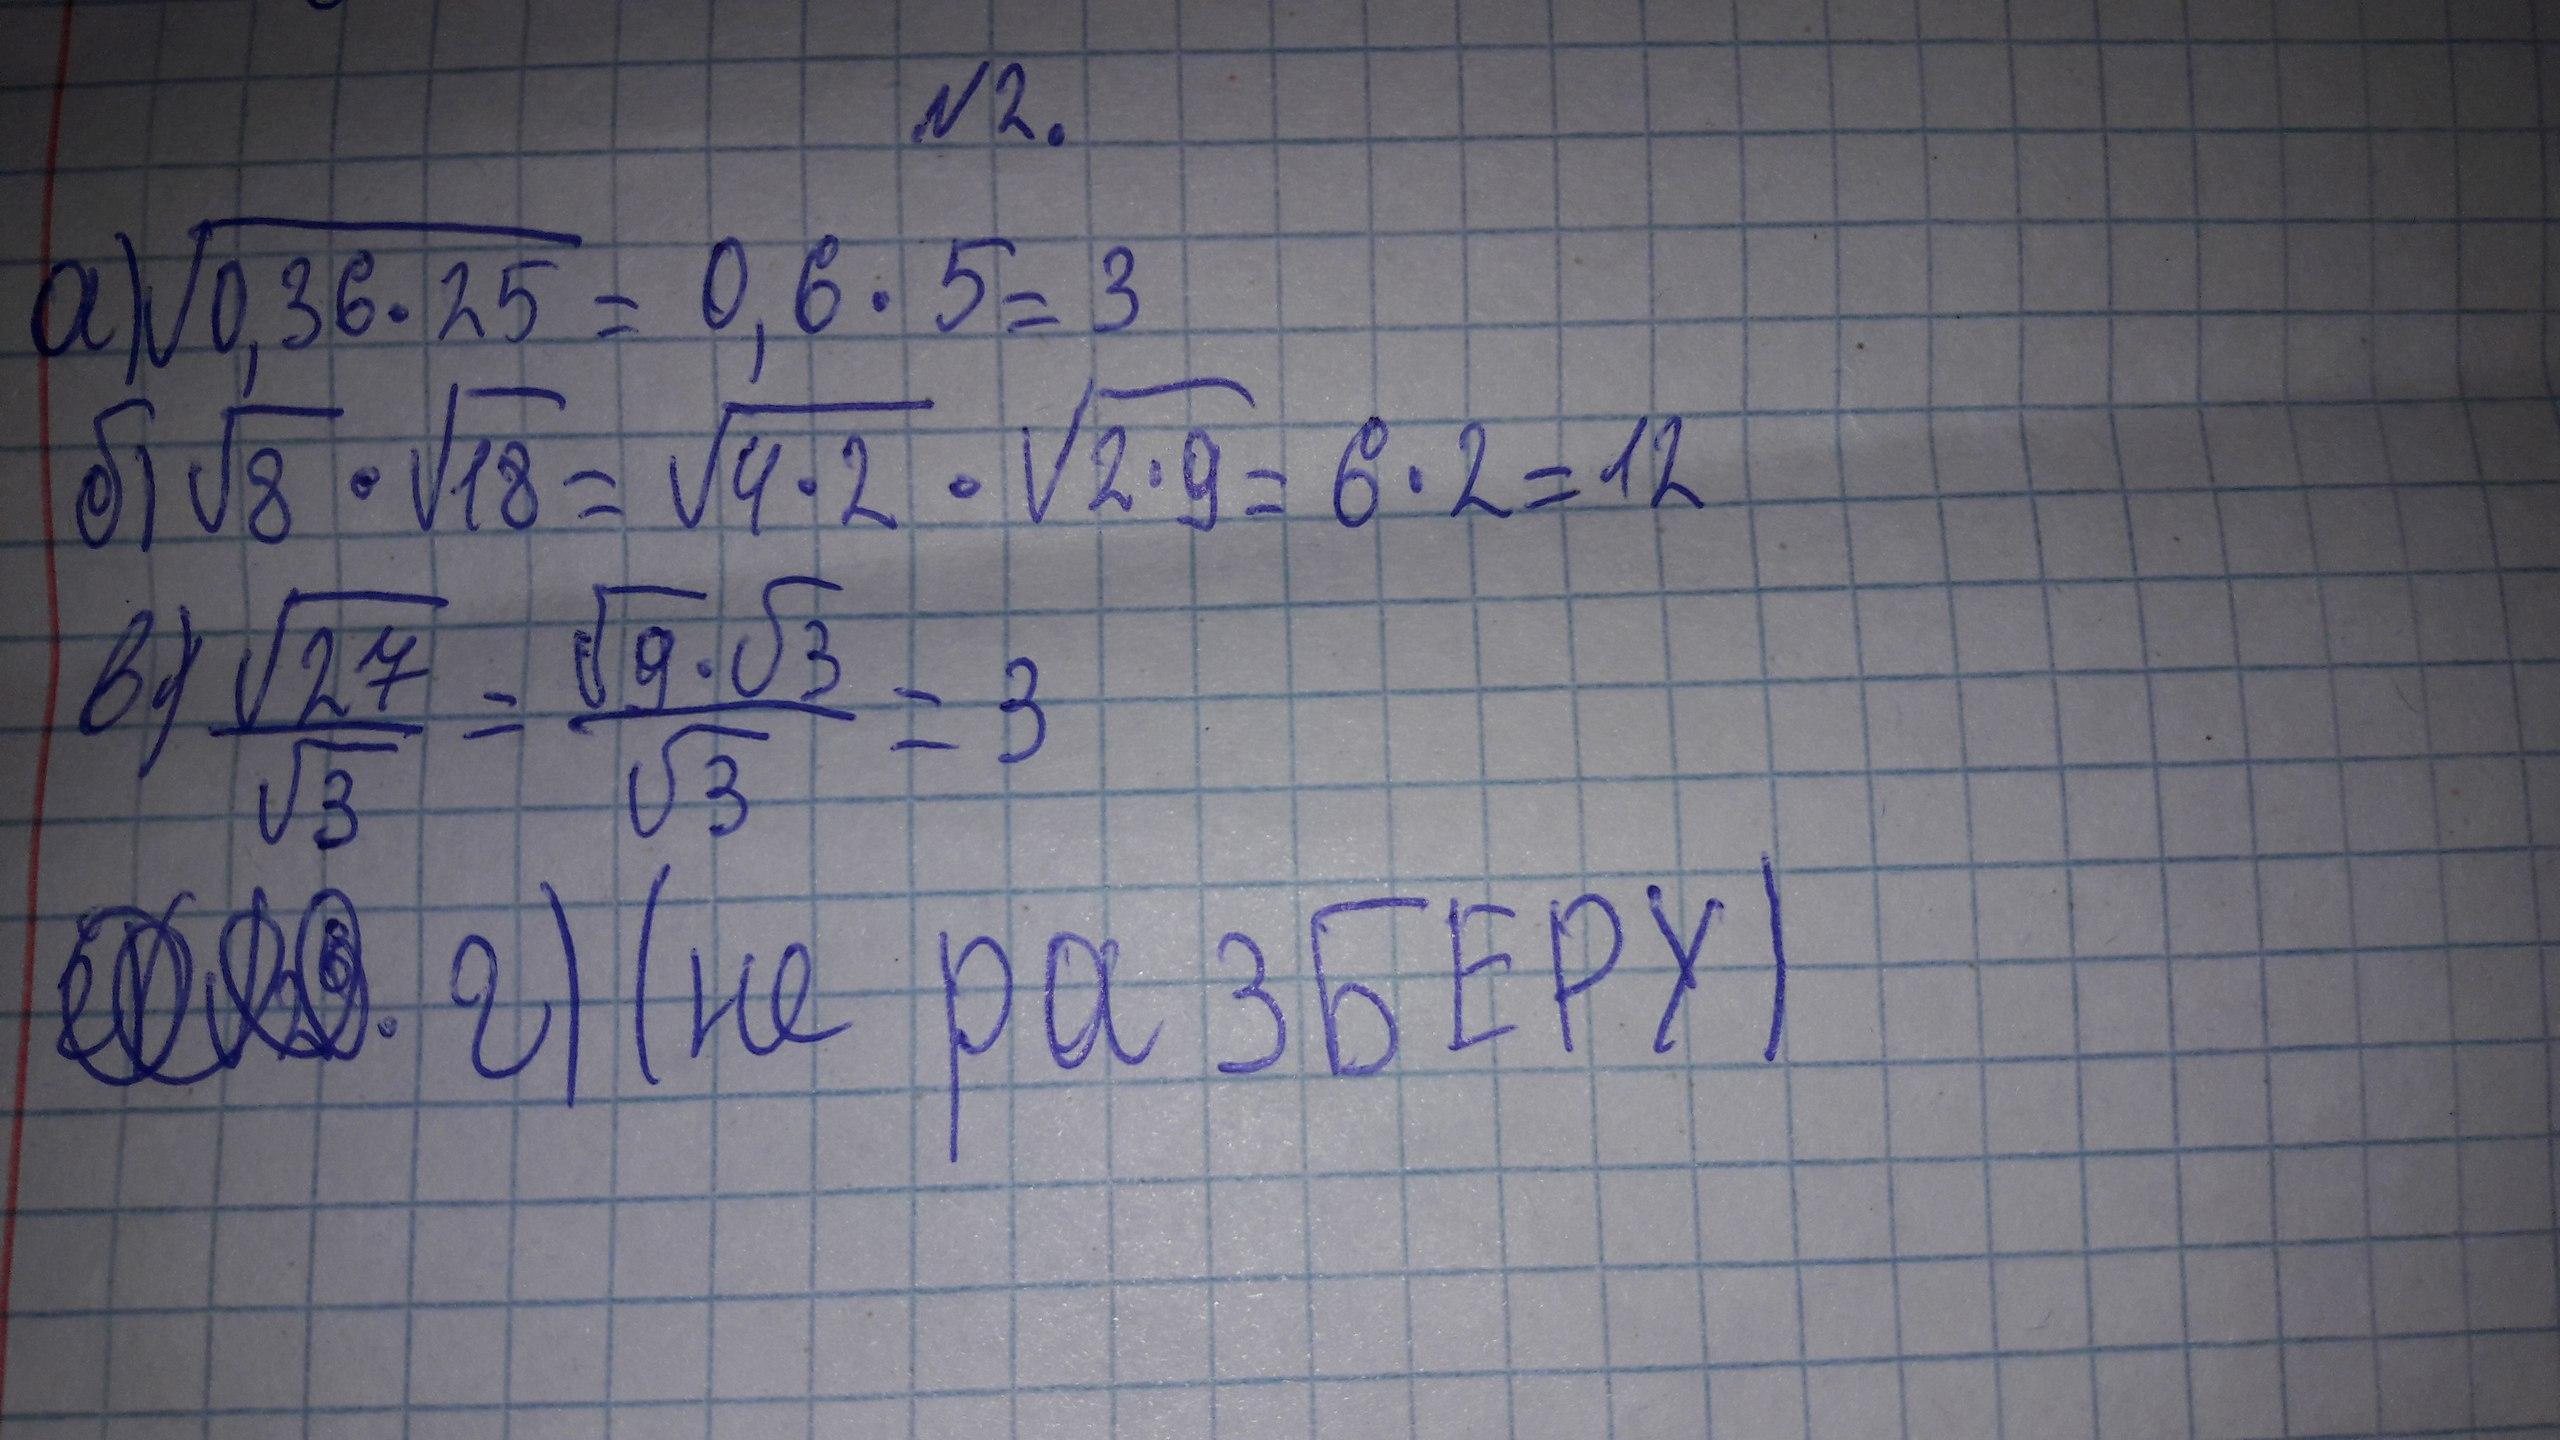 Г) не пойму что там?